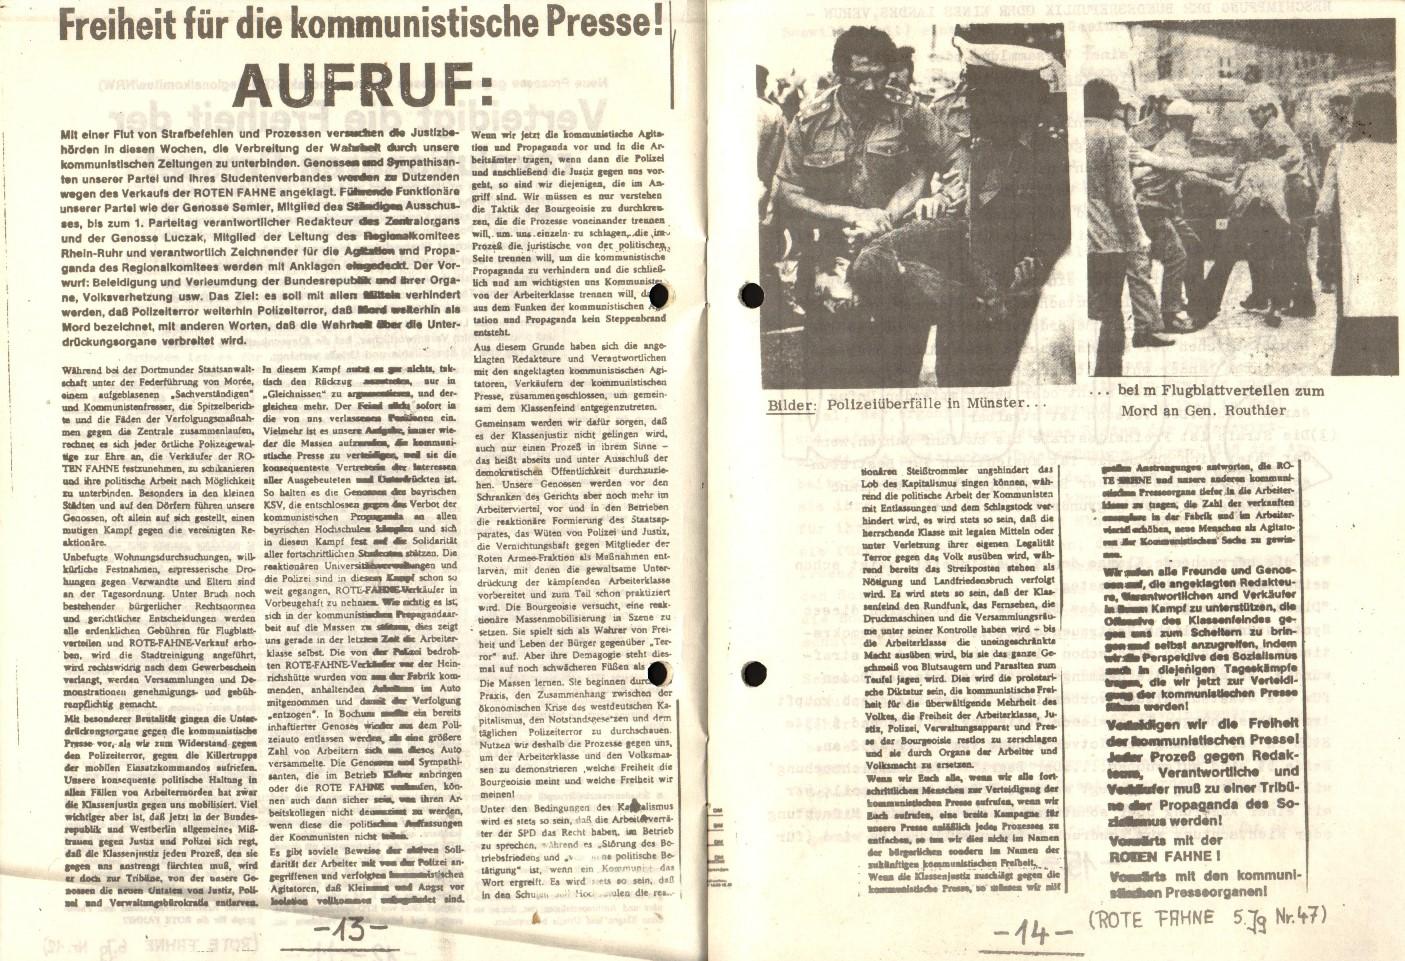 Dortmund_RH_1975_Freispruch_fuer_Luczak_und_Semler_08